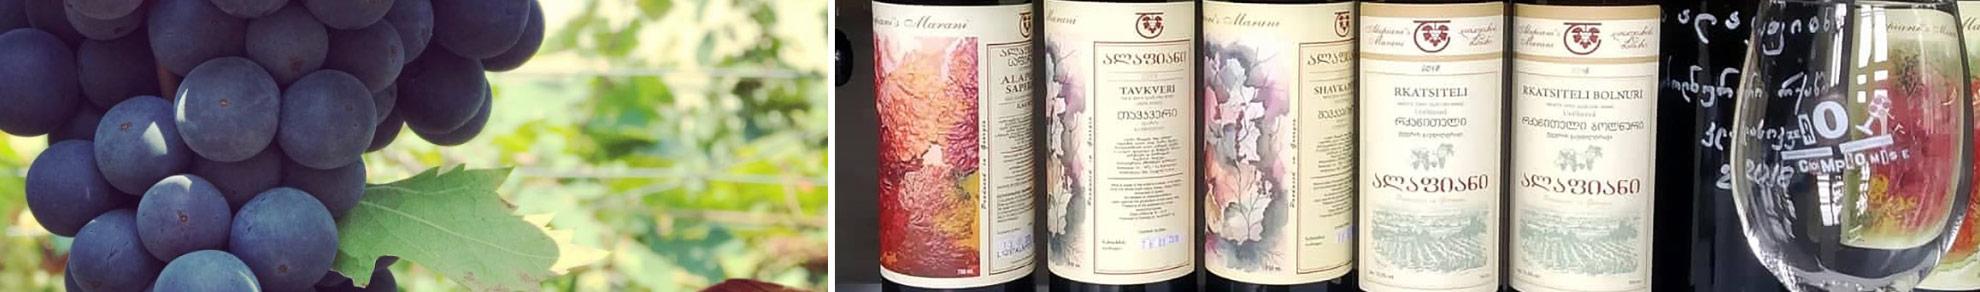 Alapiani Winery